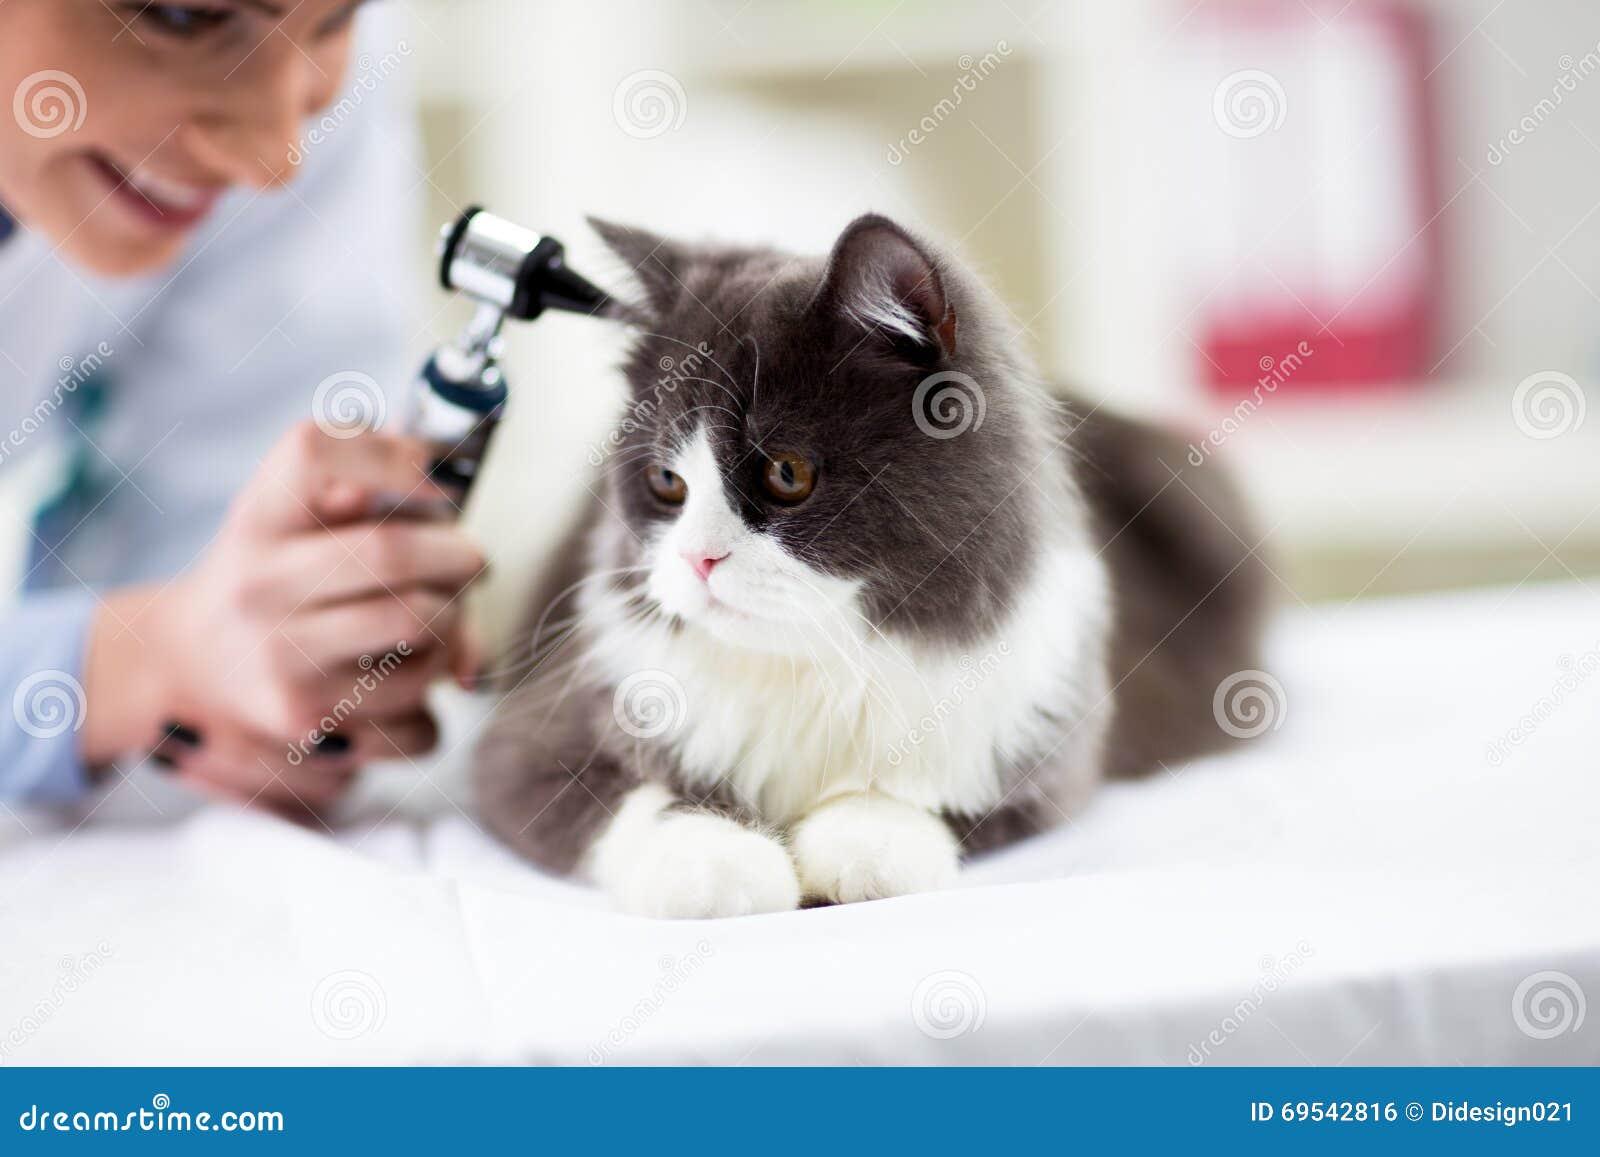 Veterinair het onderzoeken oor van katje met oorspiegel